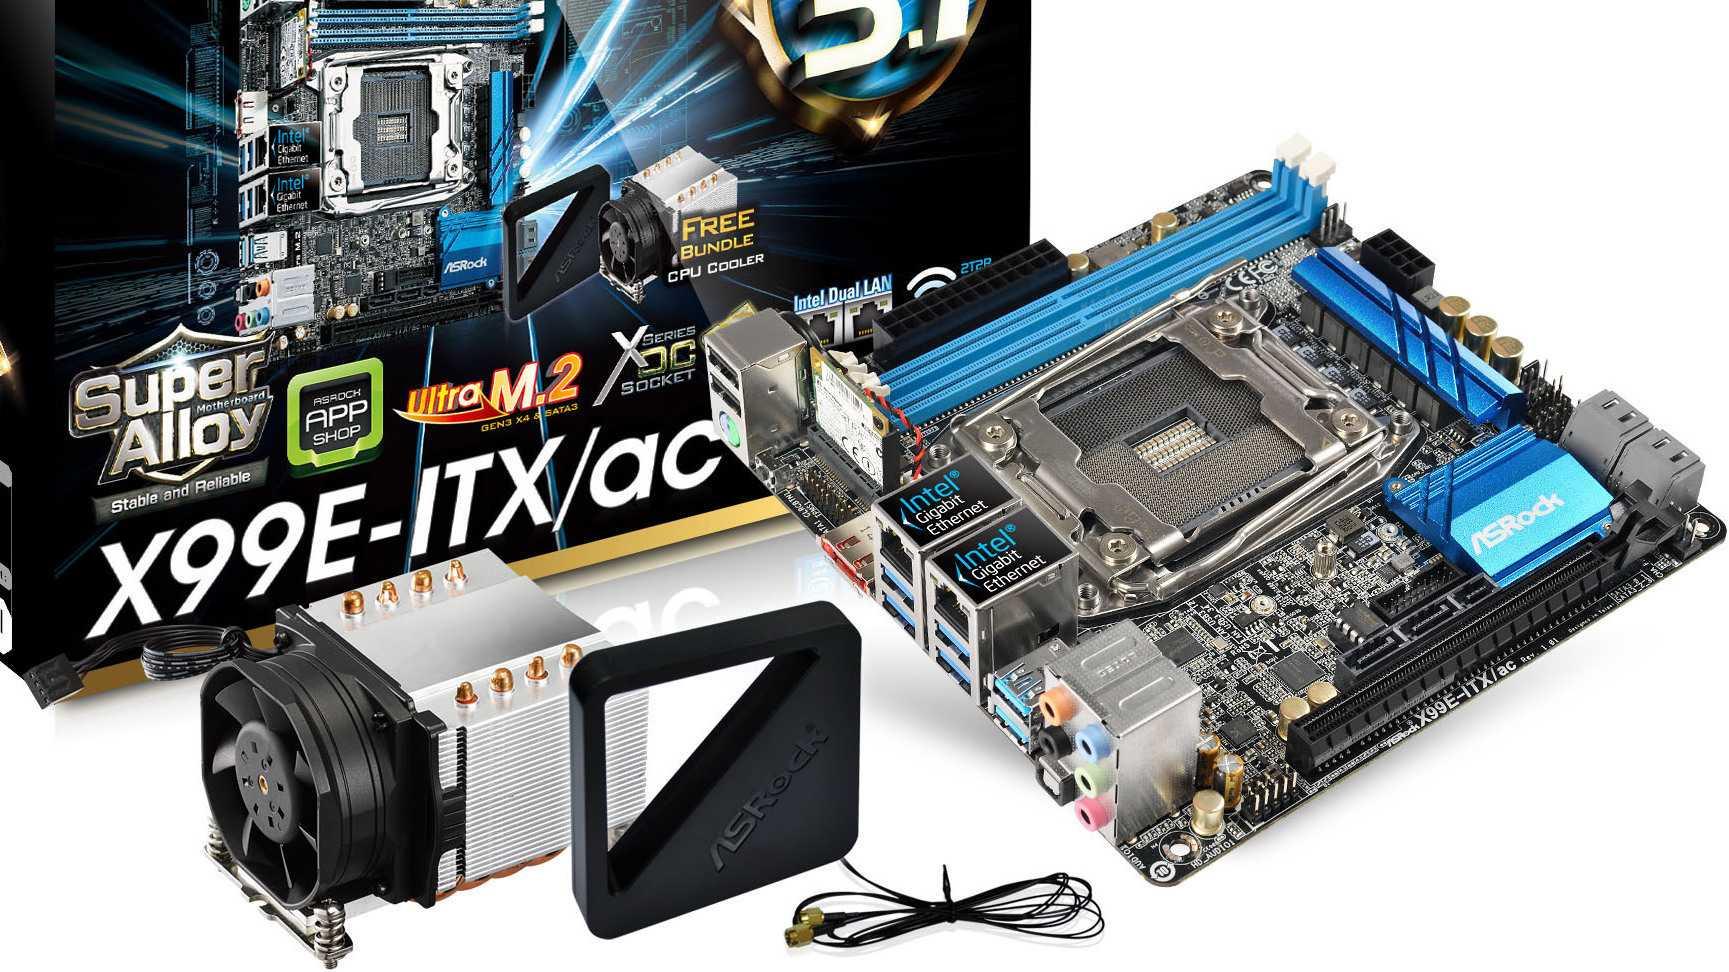 Mini-ITX-Mainboard für Haswell-E-Prozessoren